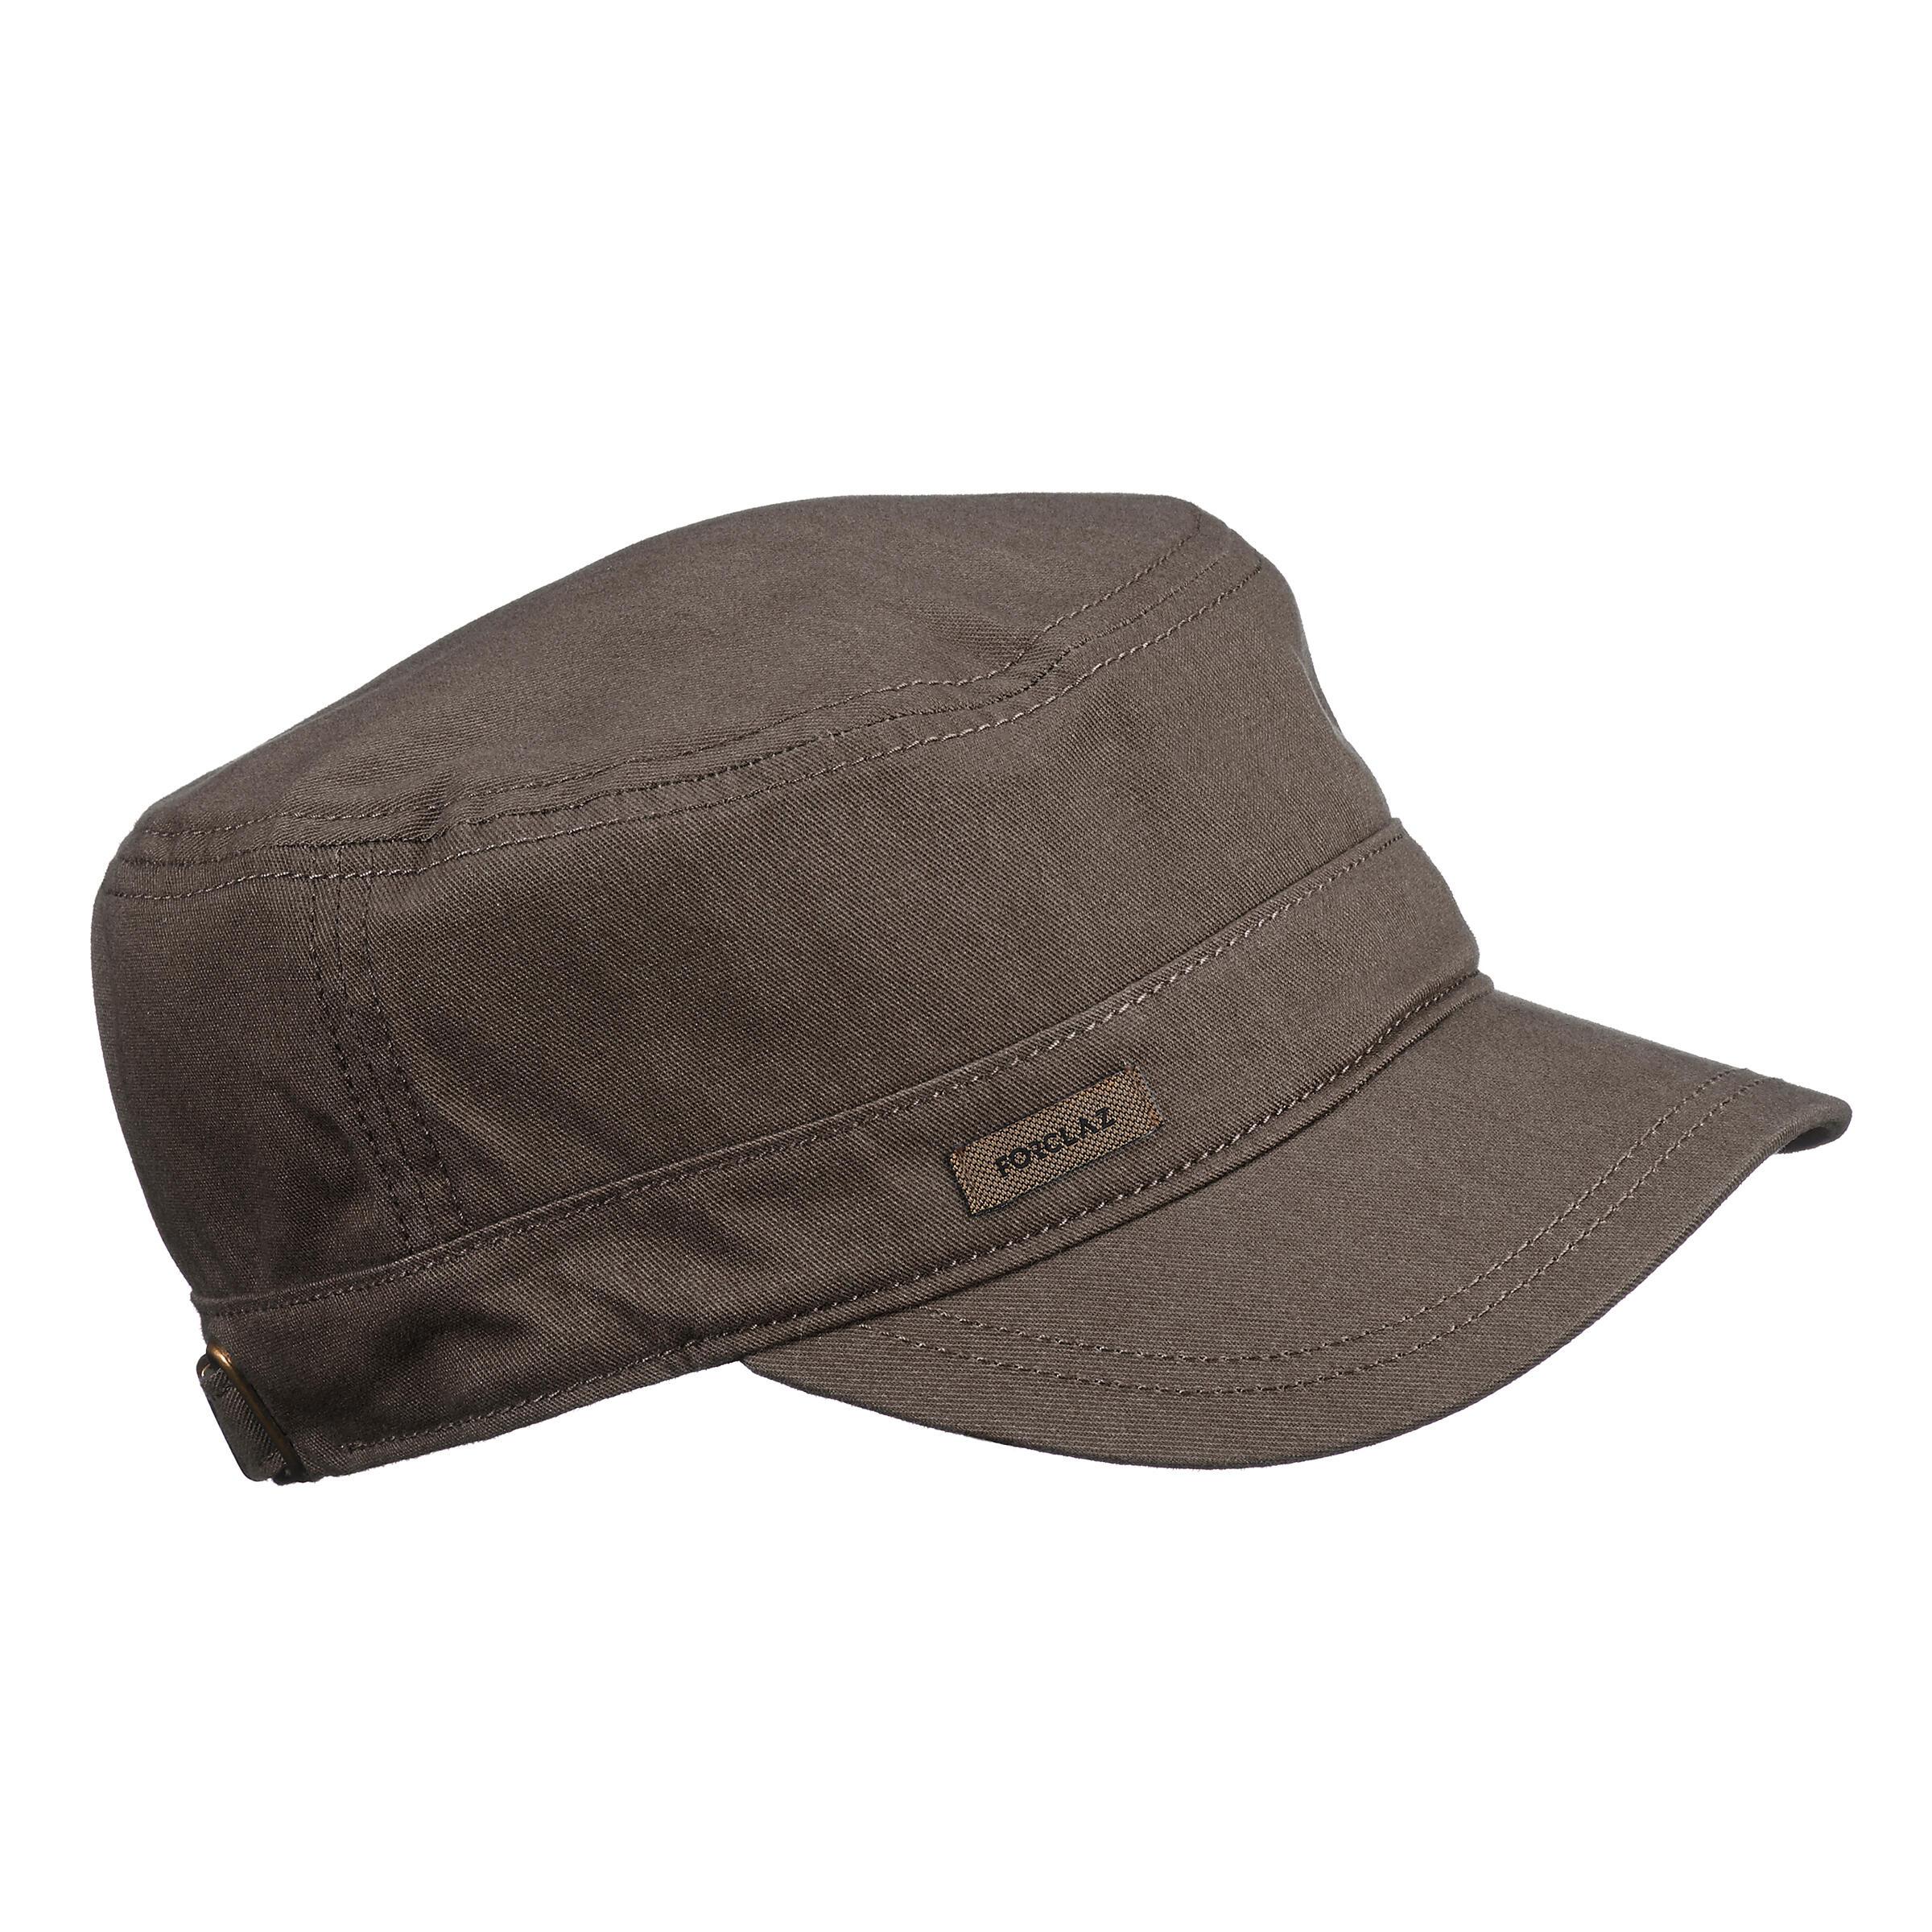 Casquette randonnée 500 brun